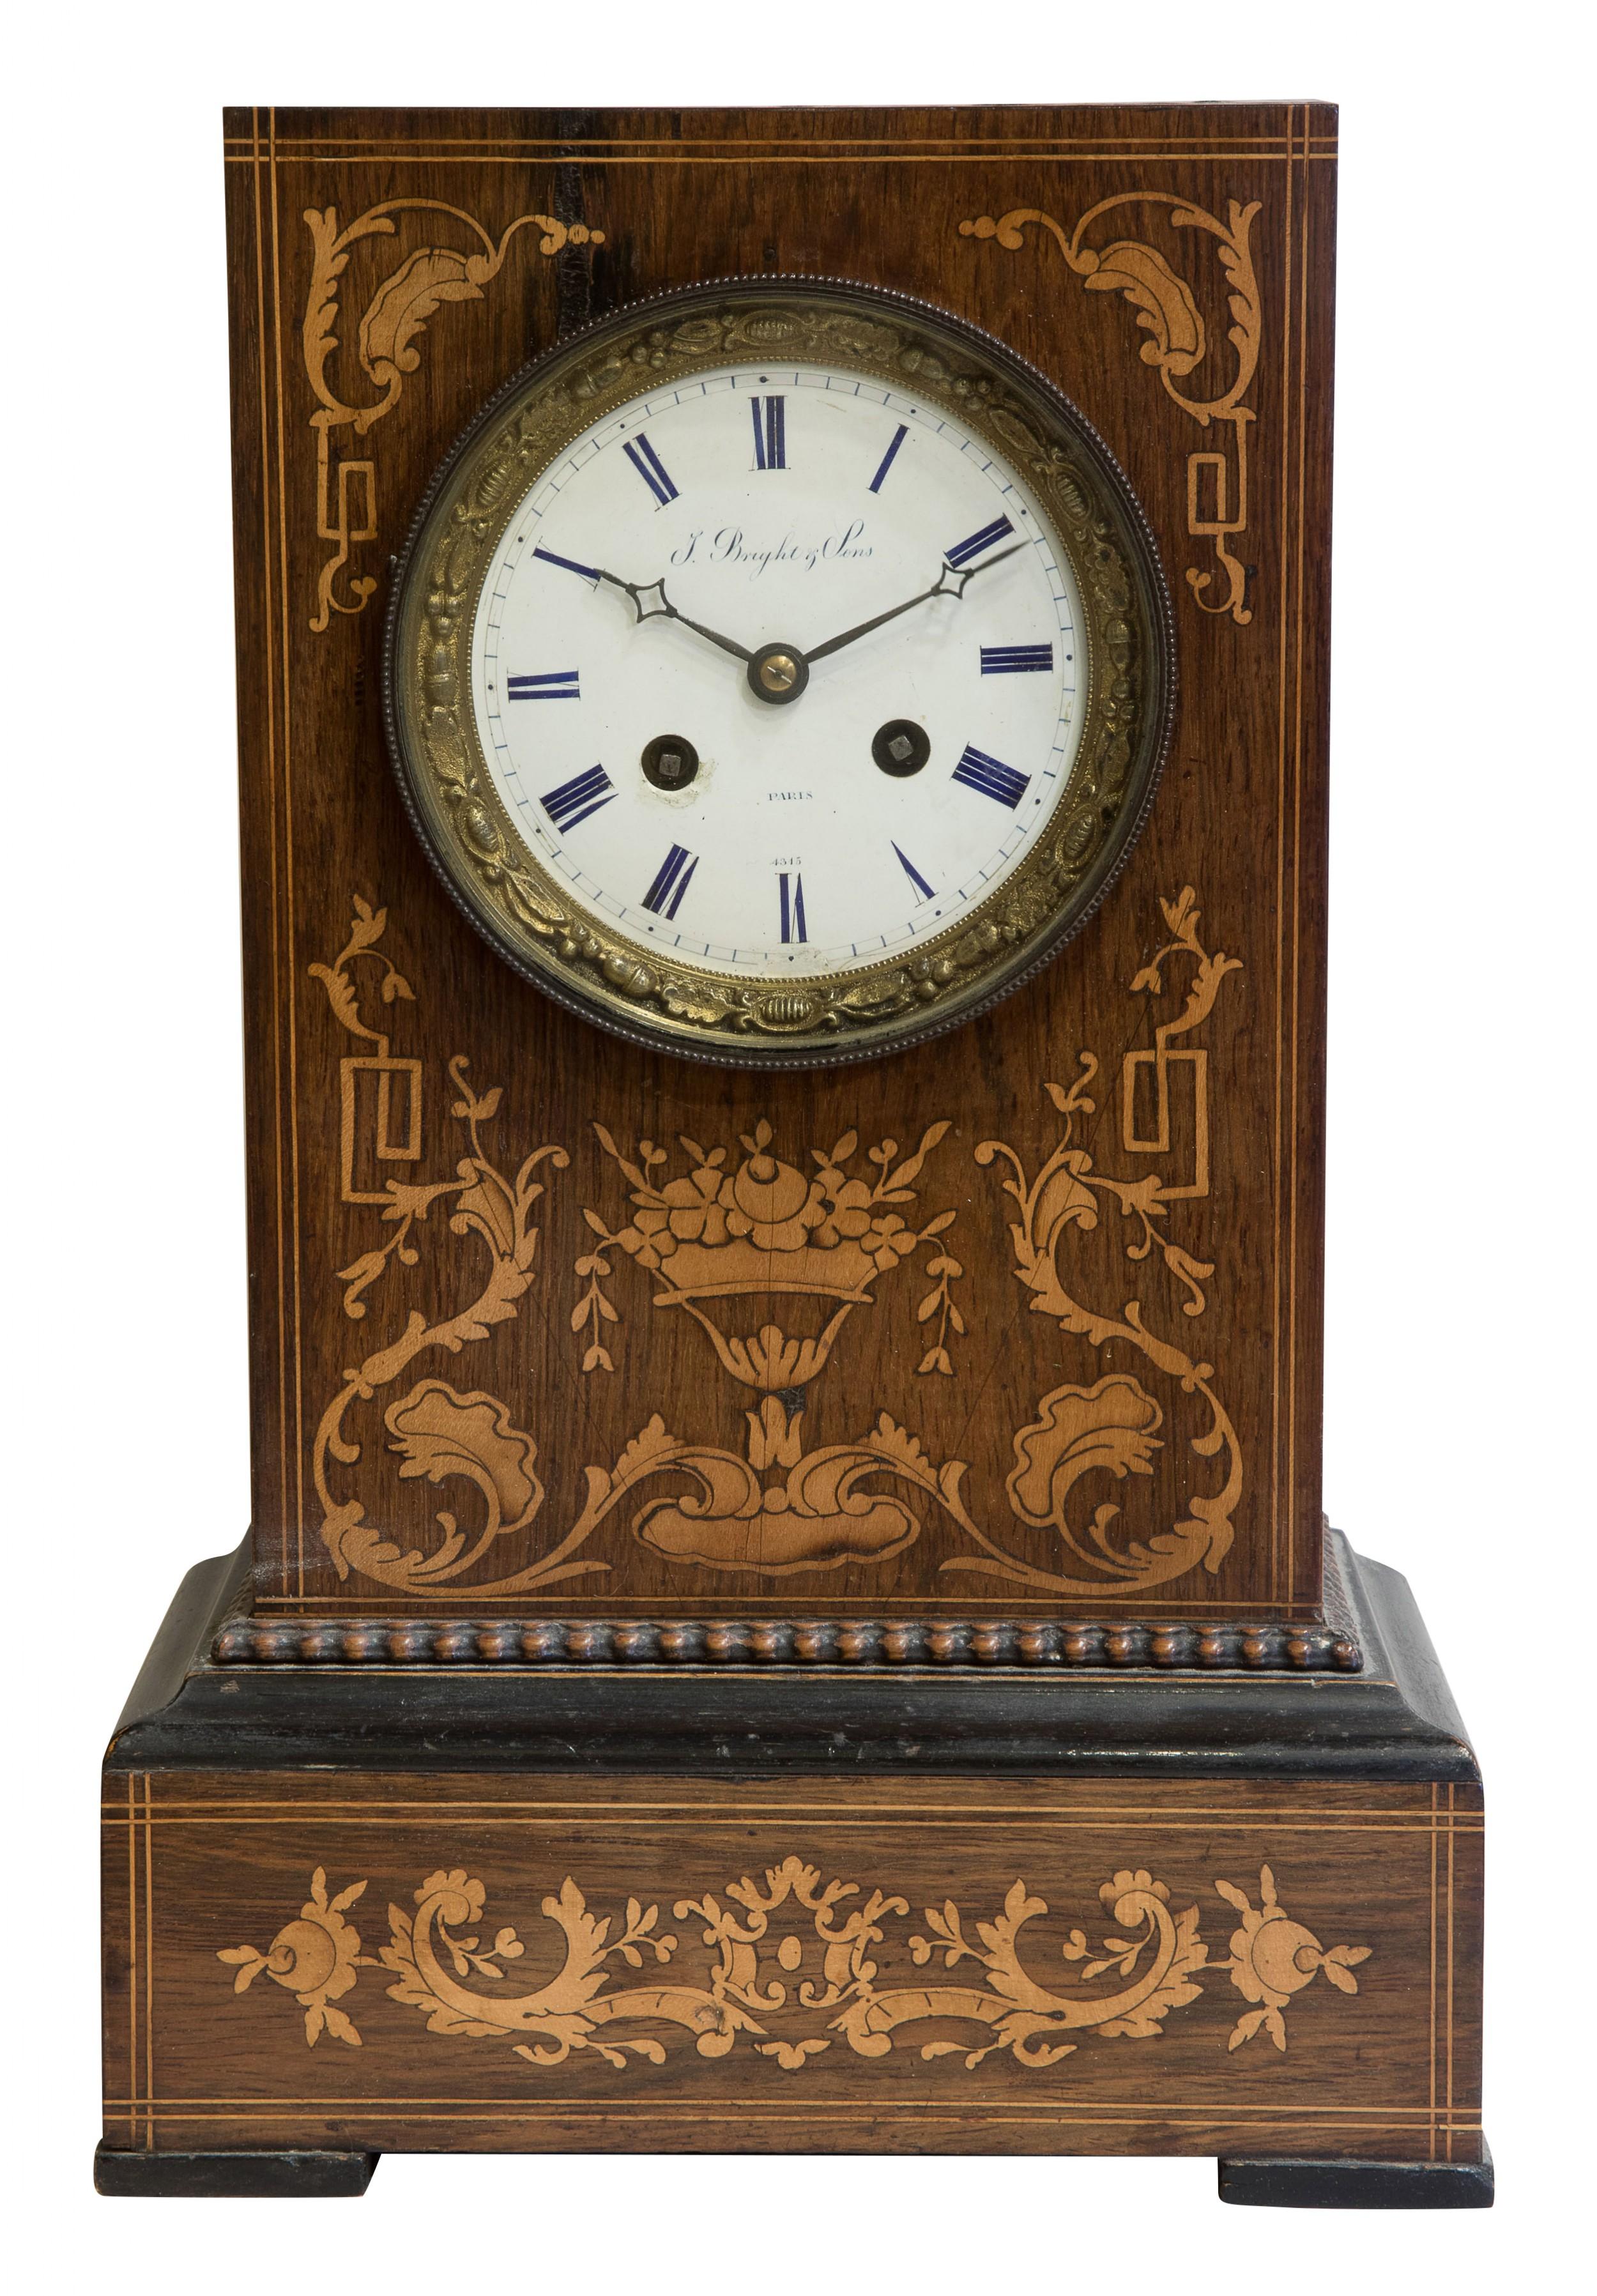 rosewood cased mantel clock signed 'potonie' paris